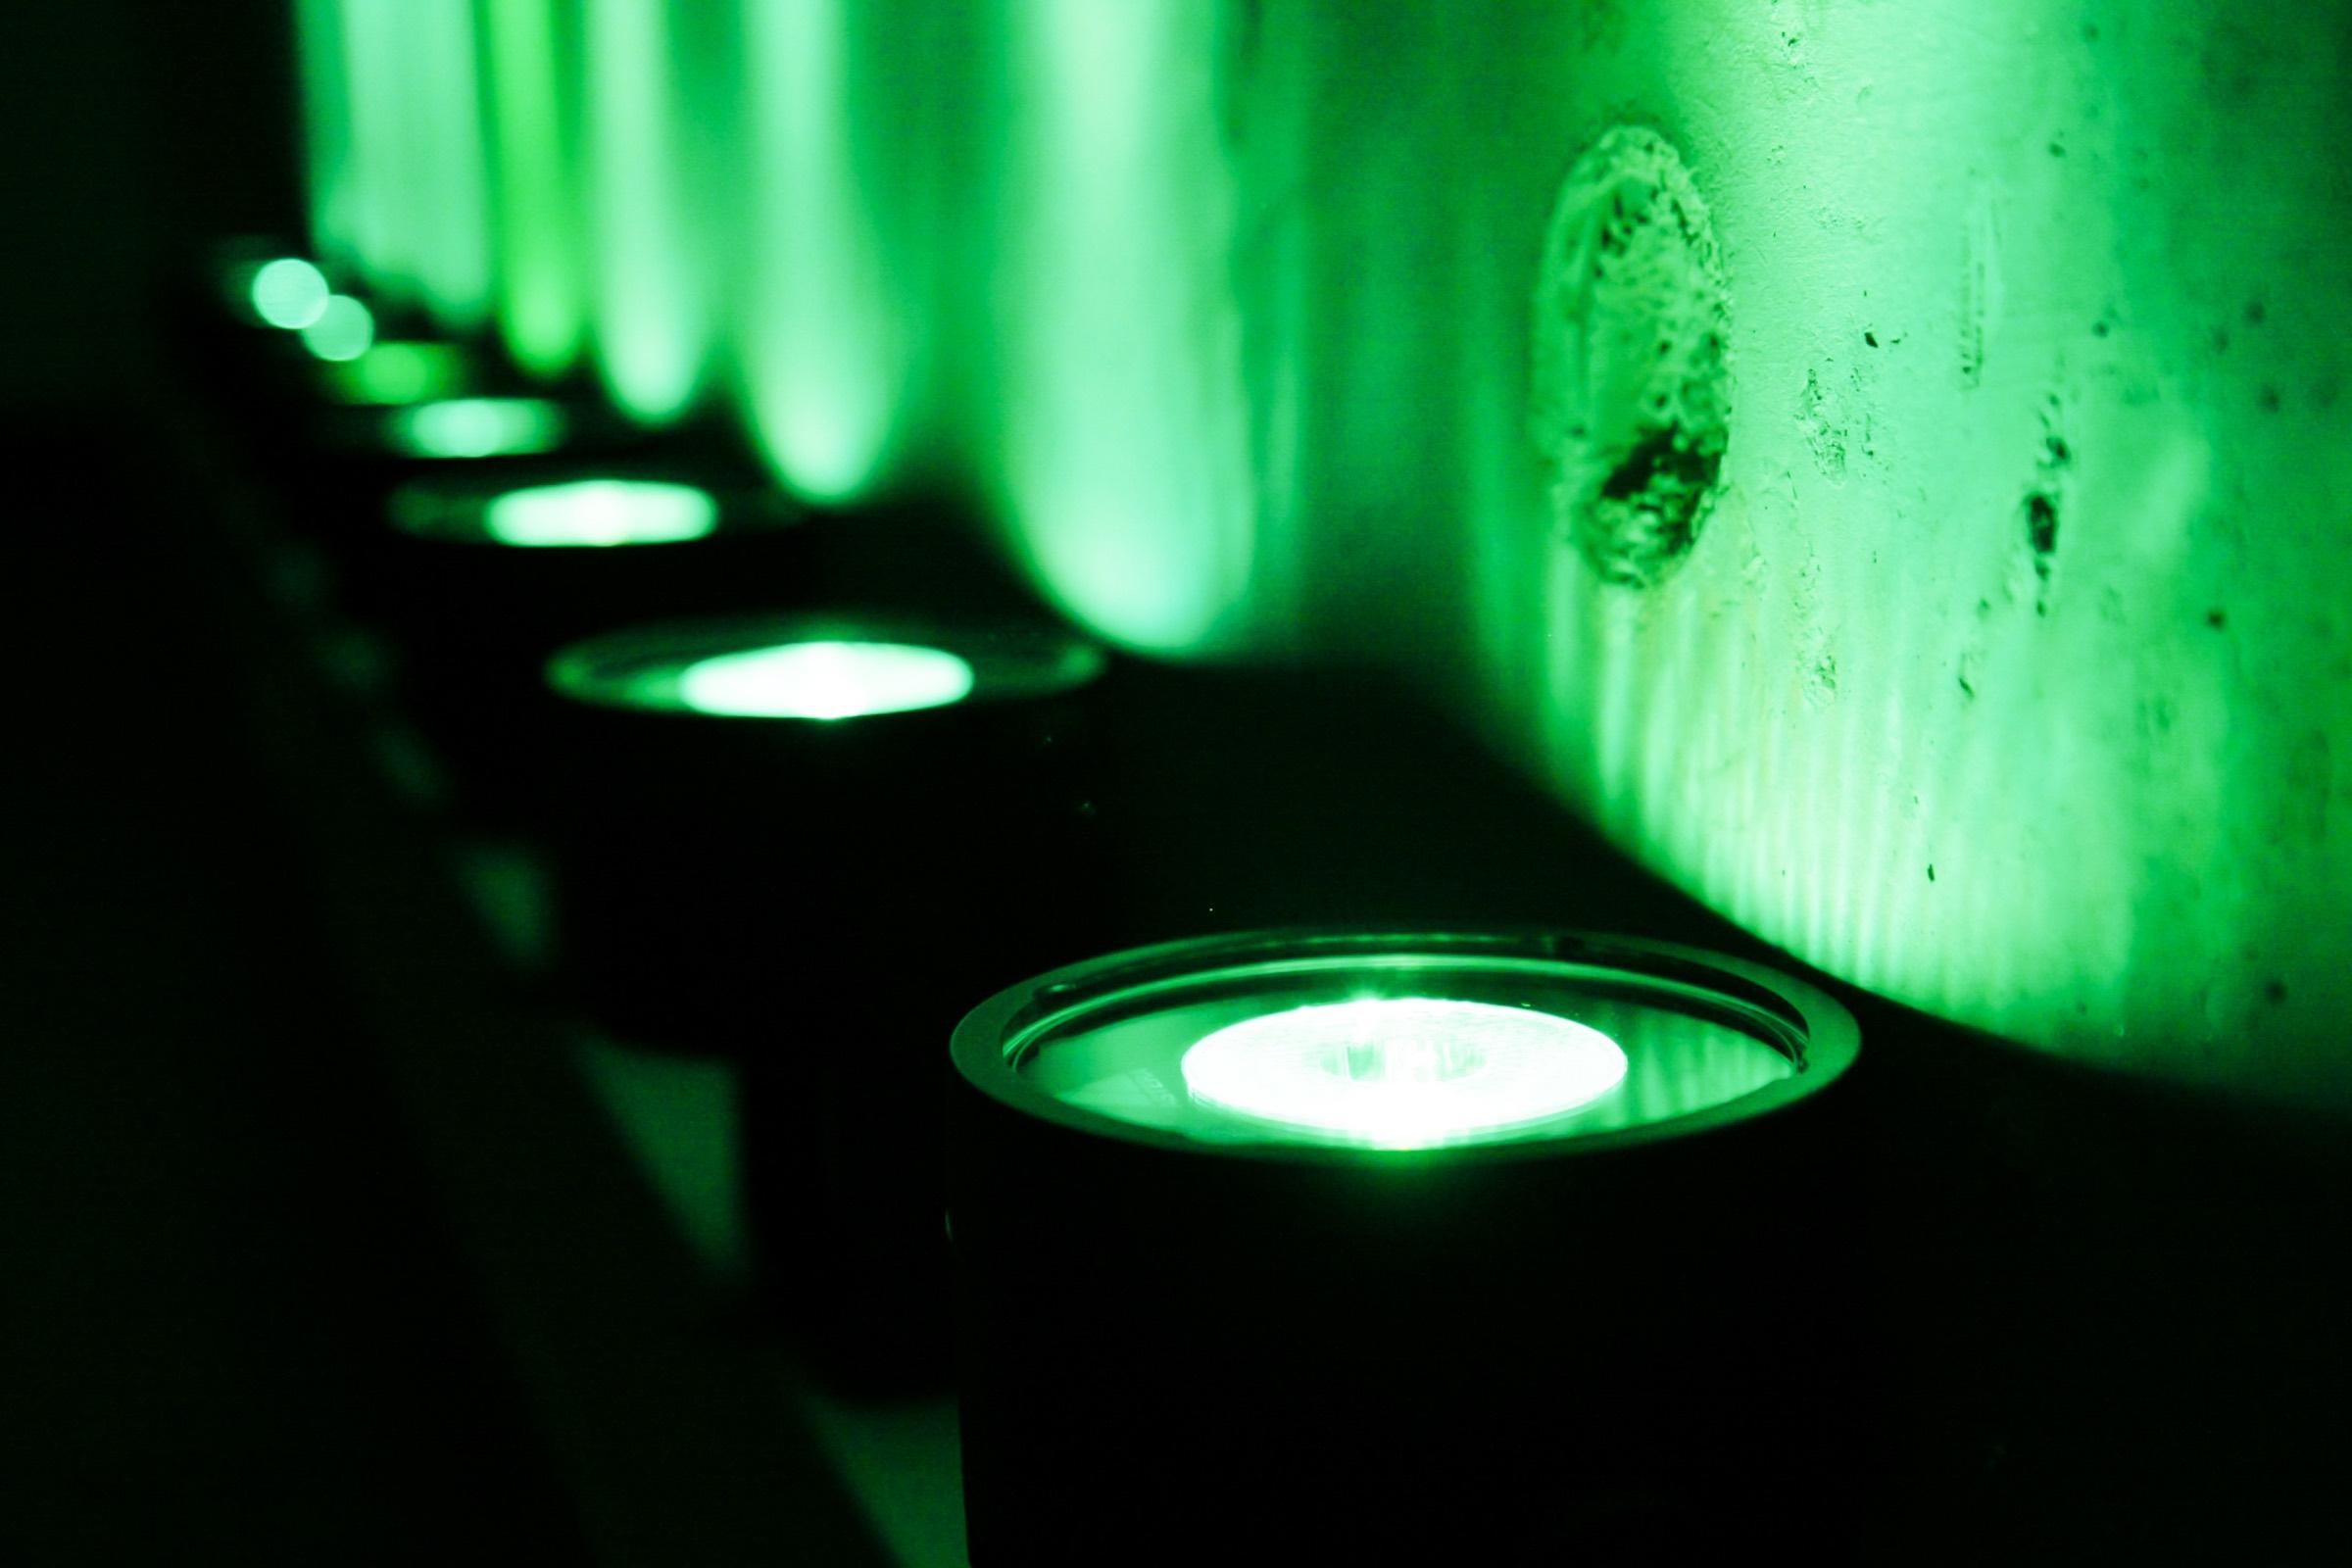 lichttechnik | Indoor | Hannover | Veranstaltungstechnik | Fassadenbeleuchtung | Firmenfeier | Show | Gala | Akku | LED | Outdoor | Spots | Scheinwerfer | Mieten | Buchen | Lehmann | Eventservice